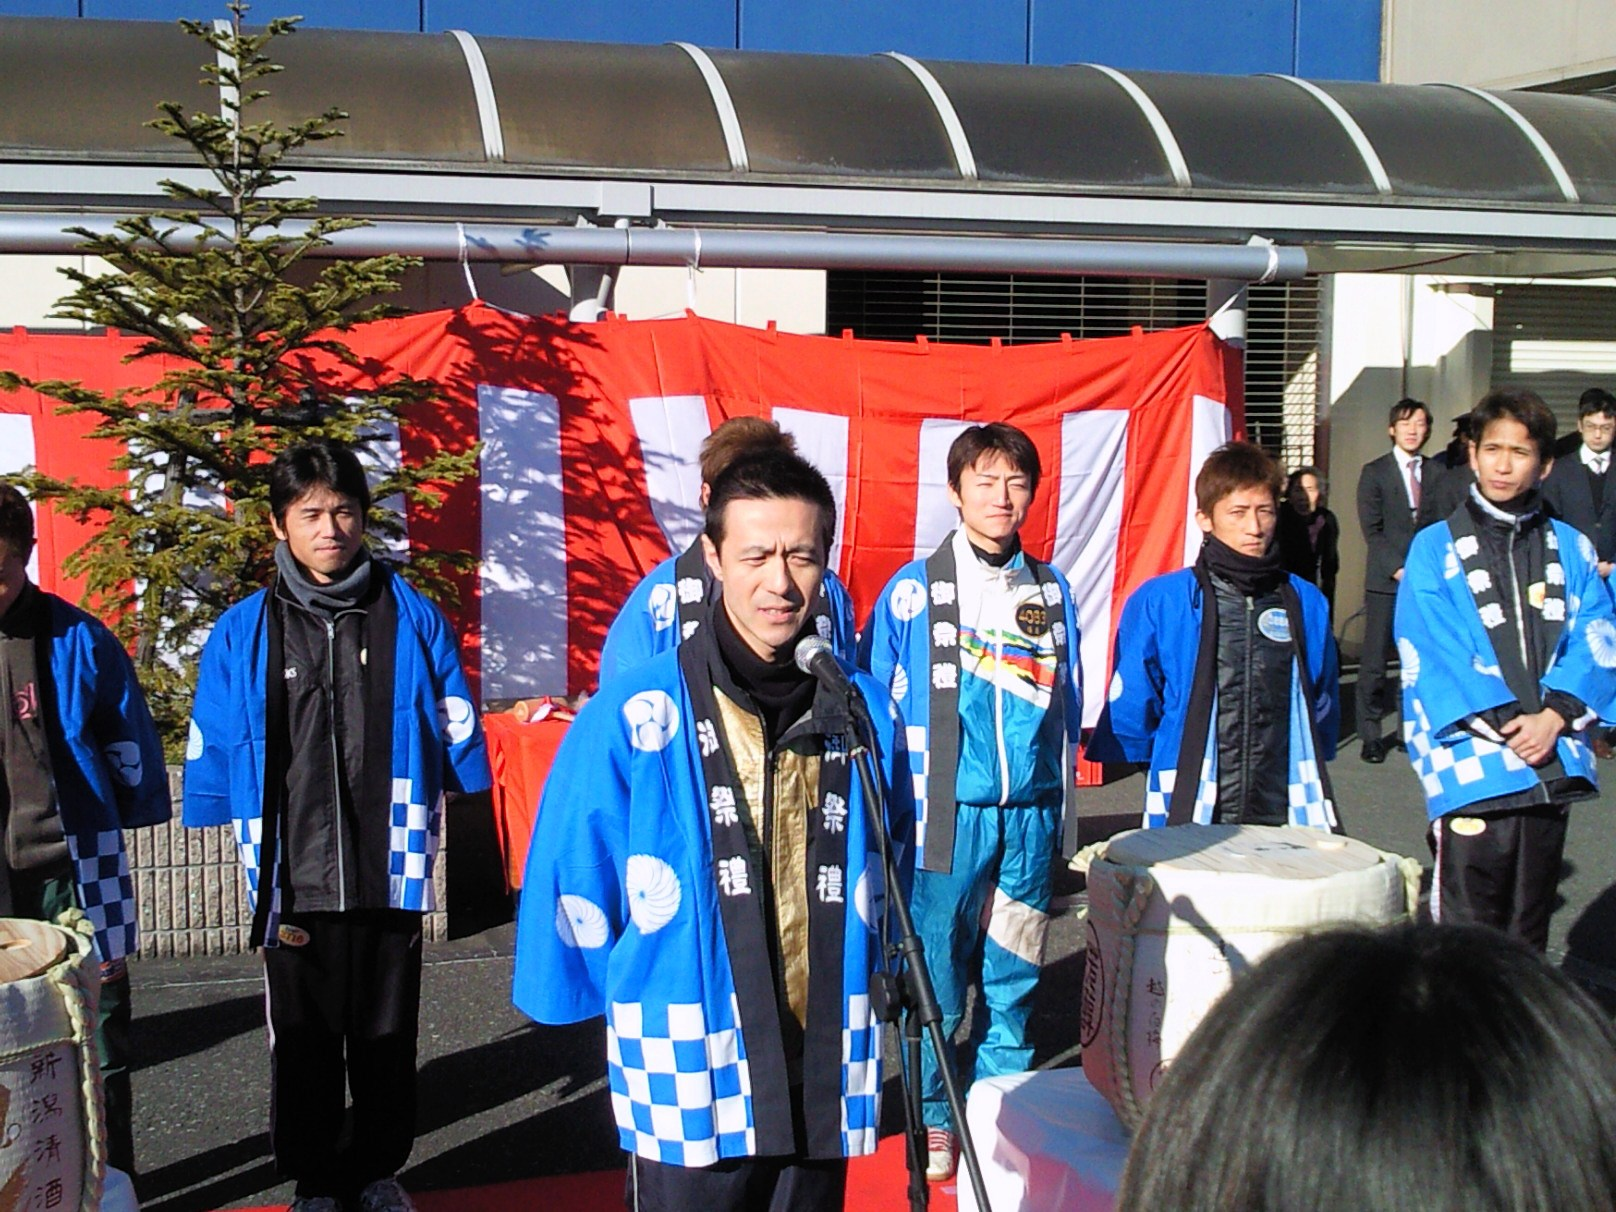 1月2日に江戸川競艇で新年の挨拶をしたしげしげ